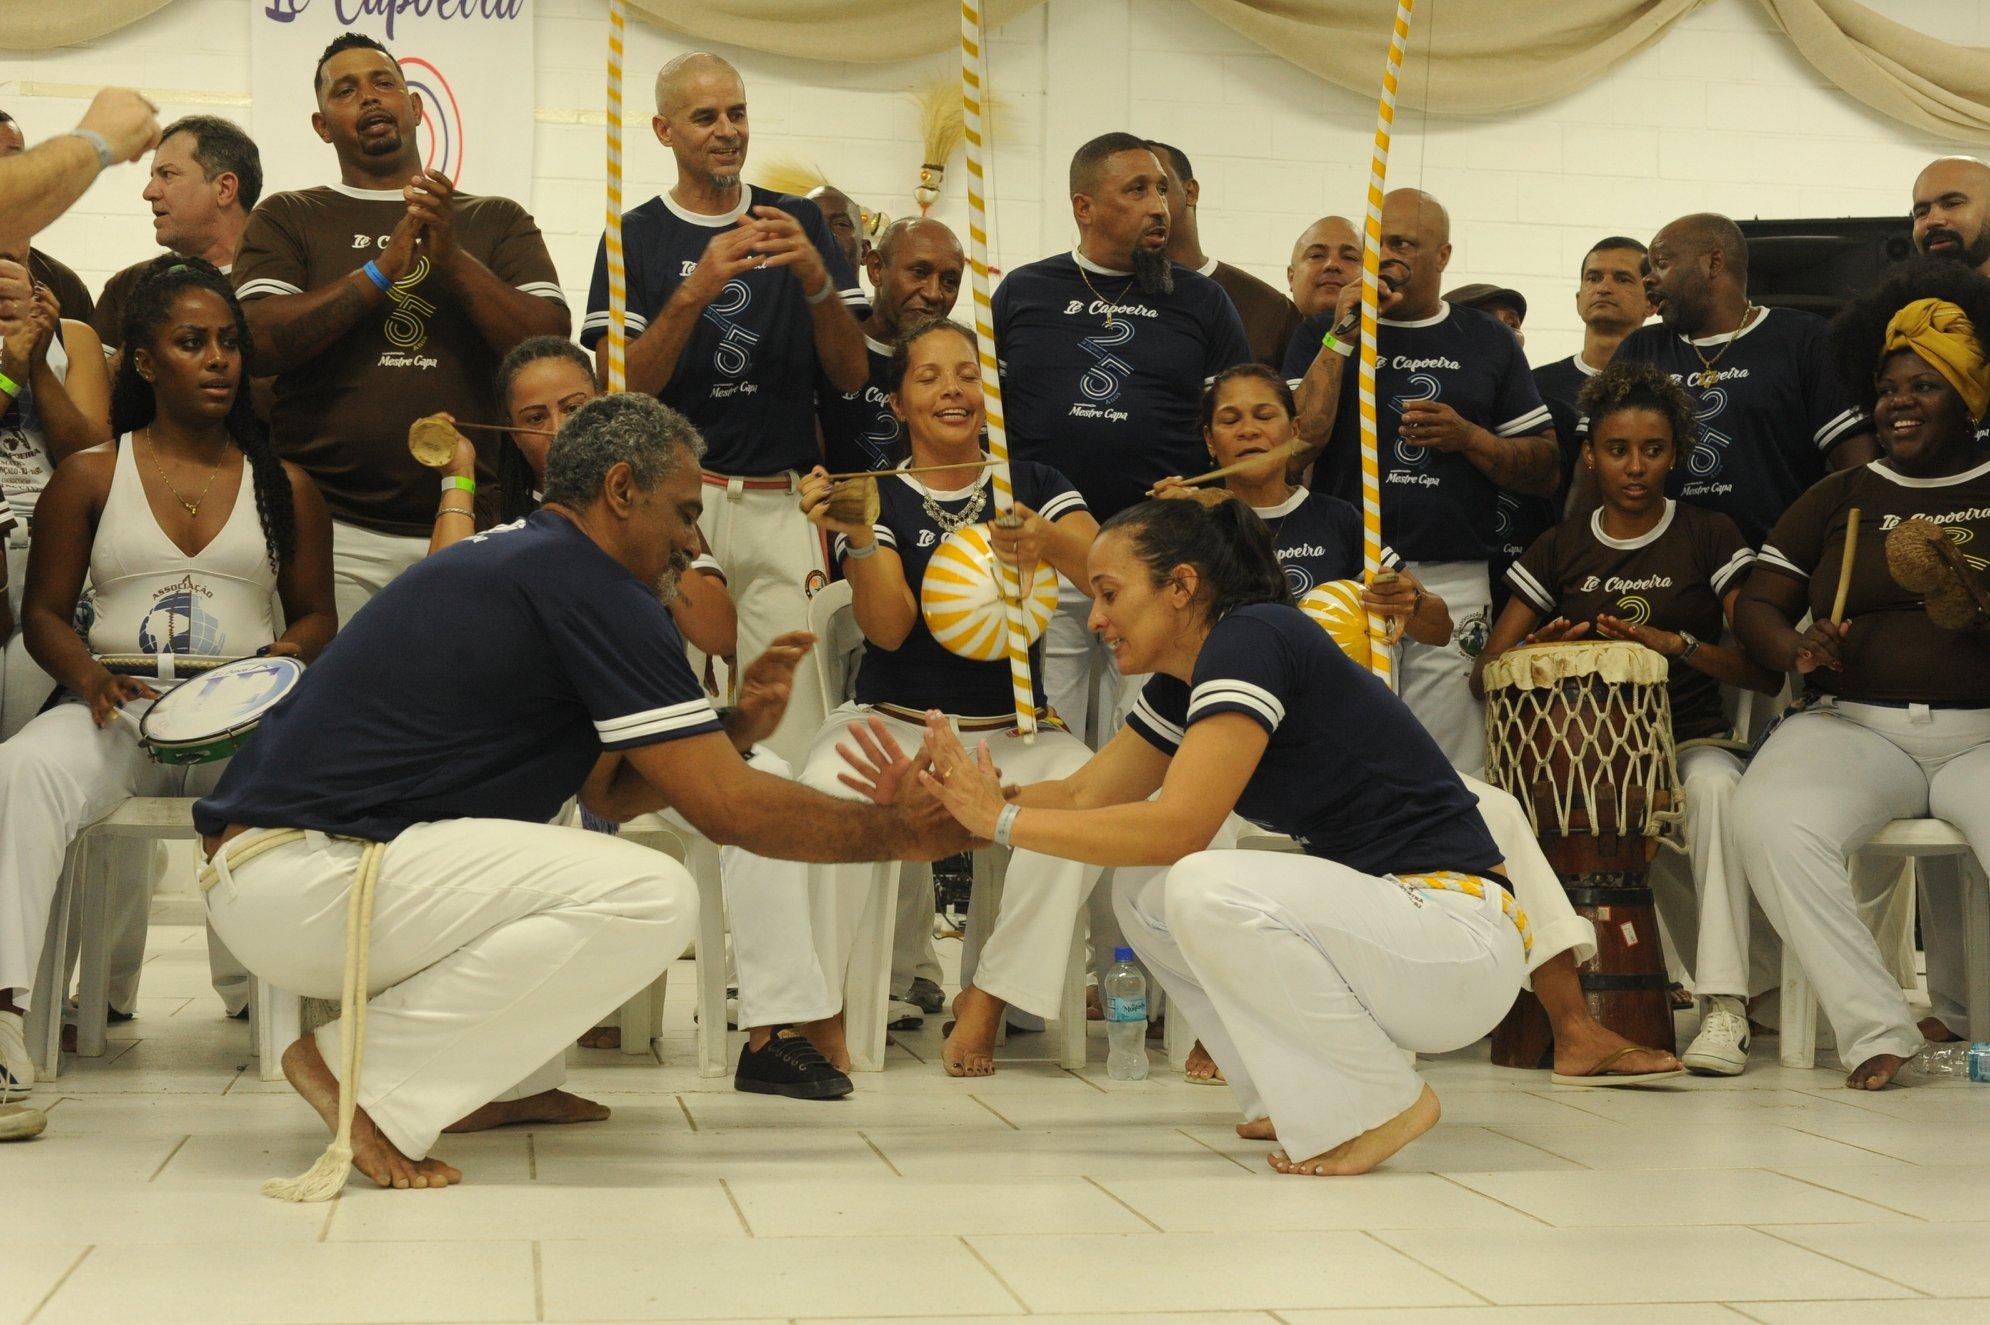 O LUGAR (IN)COMUM DA MULHER NA CAPOEIRA Capoeira Mulheres Portal Capoeira